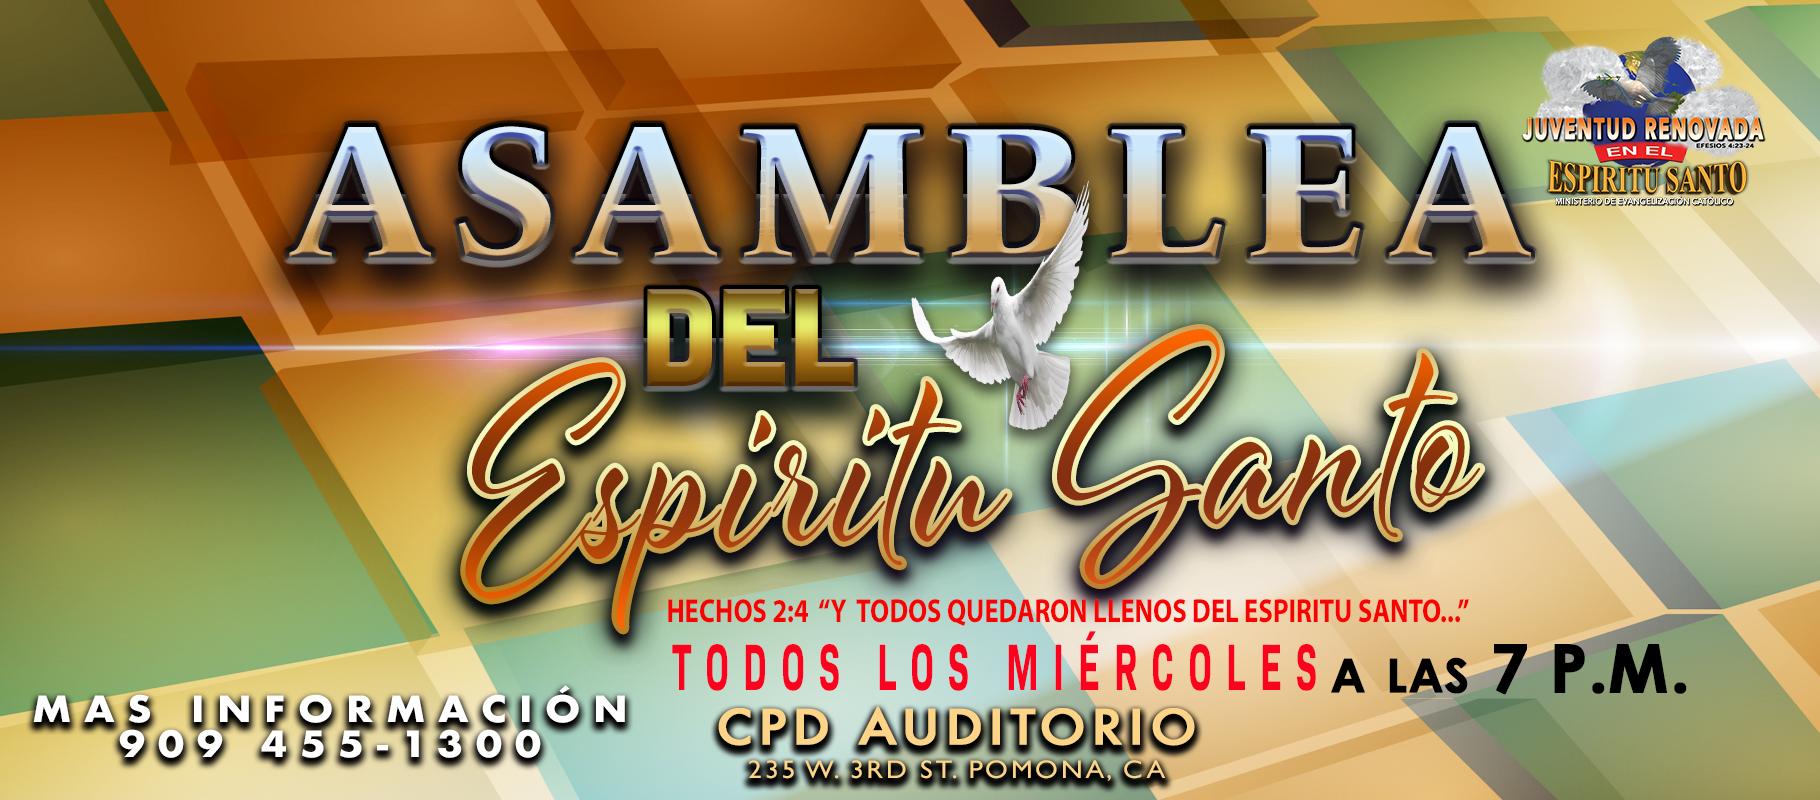 asamblea del espiritu Santo 2019 web banner-02